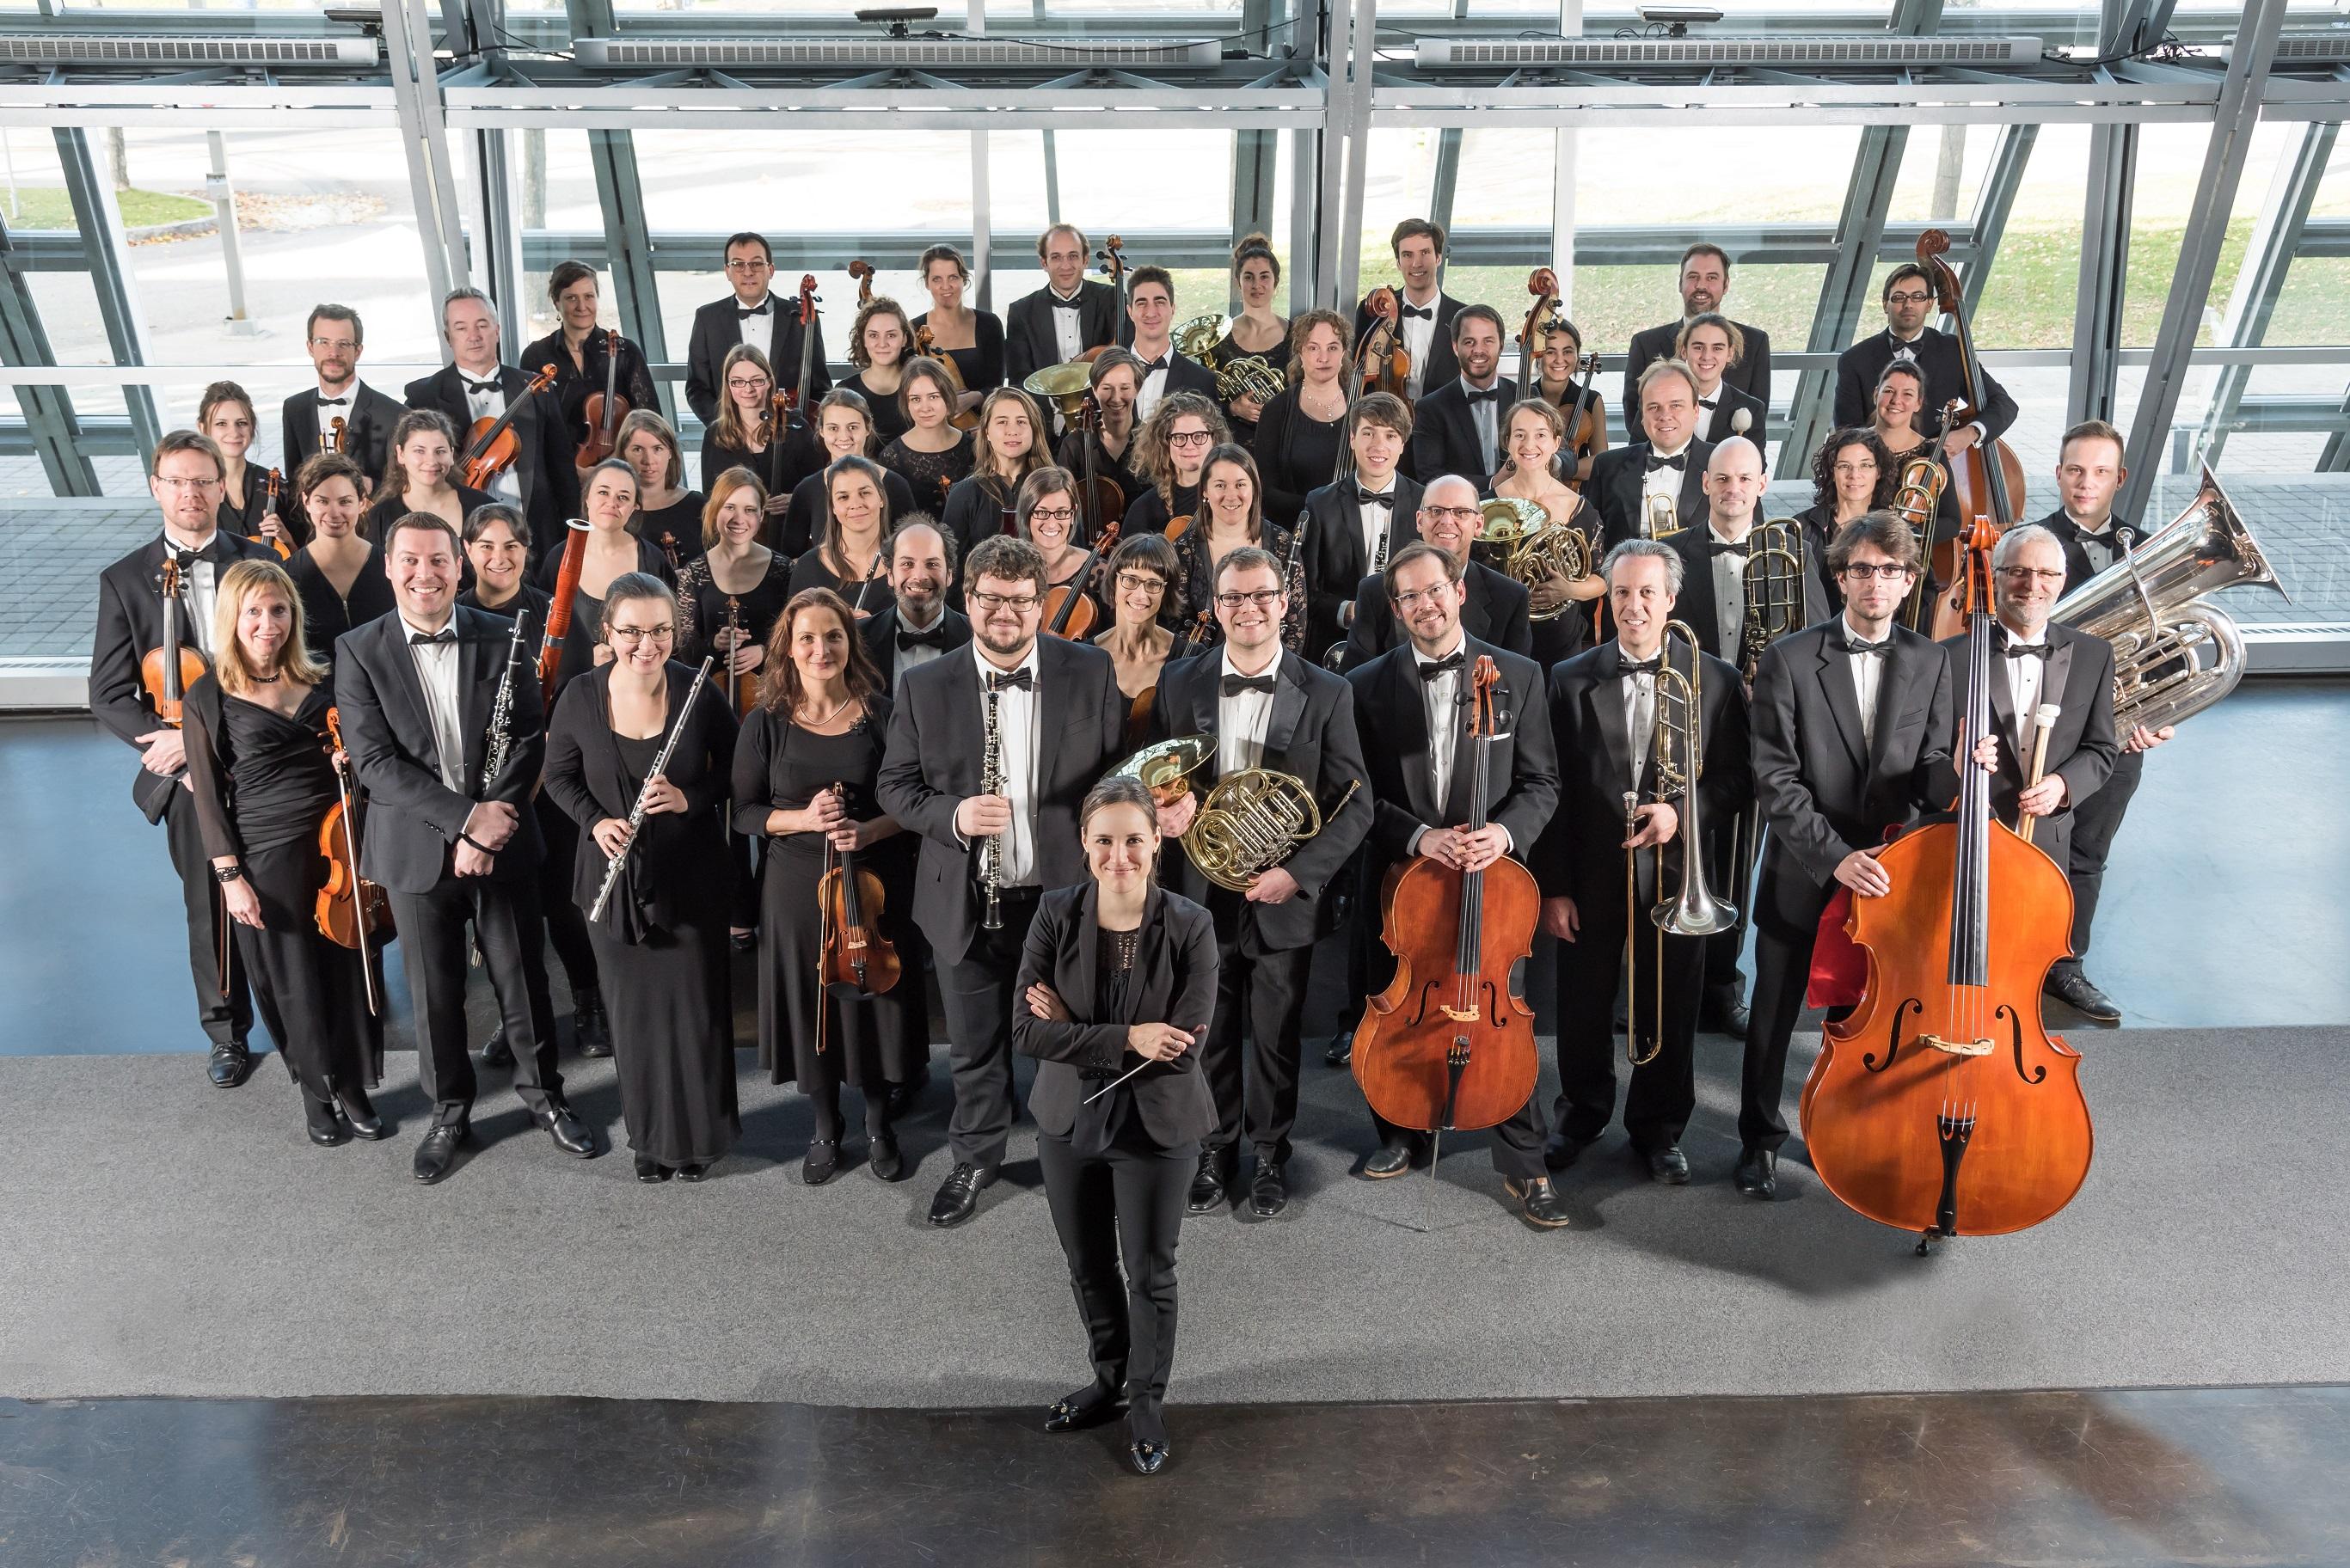 Orchestre symphonique de l'Estuaire